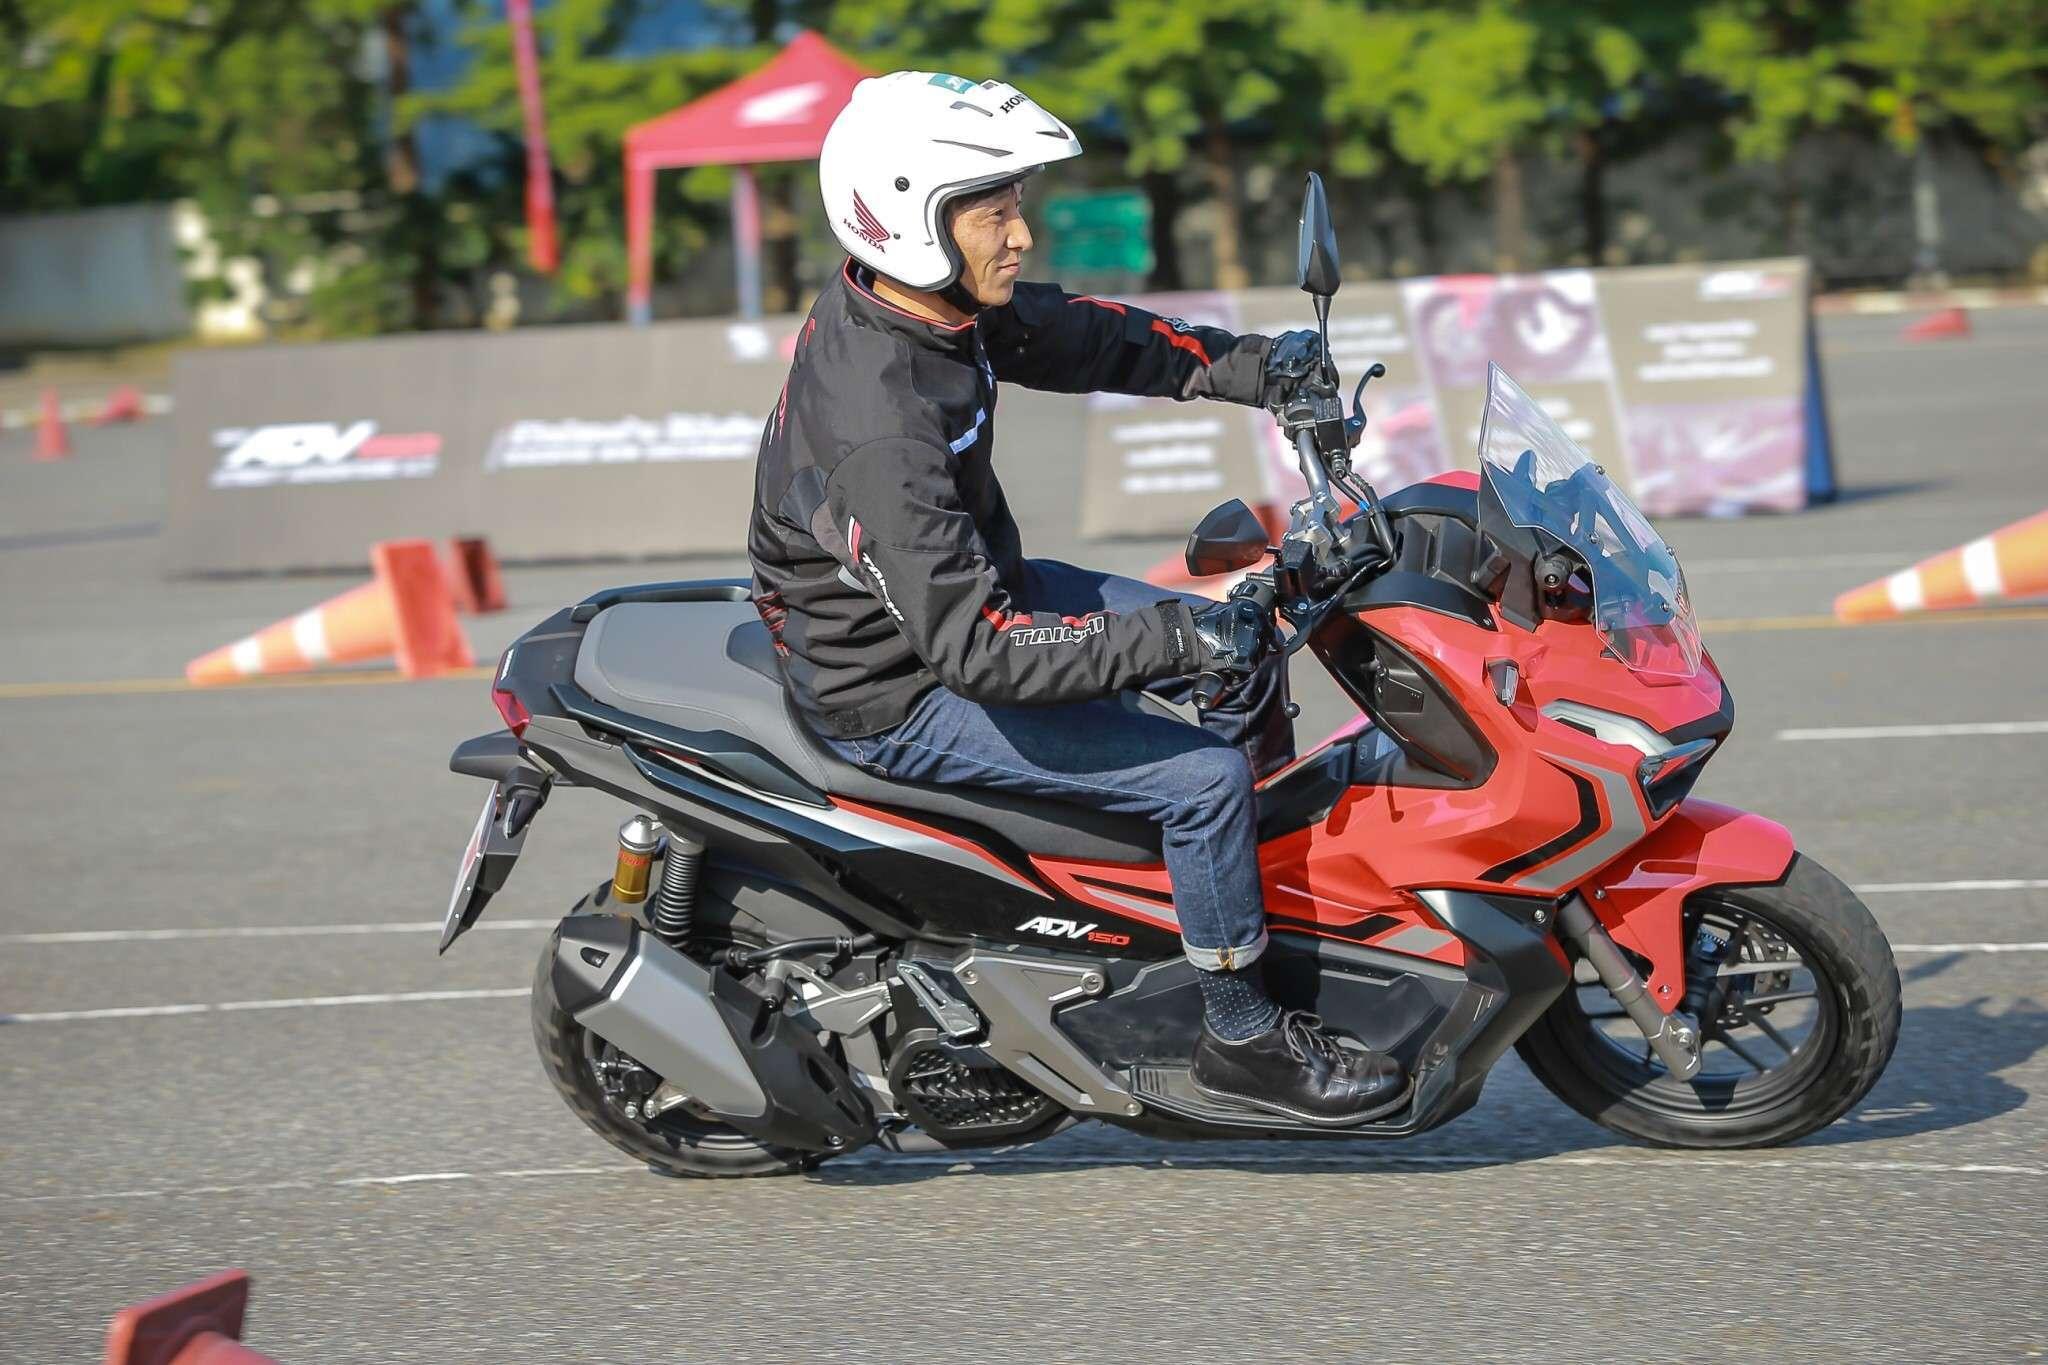 Test Drive ADV 150 By Boy ThaiGP_191028_0110